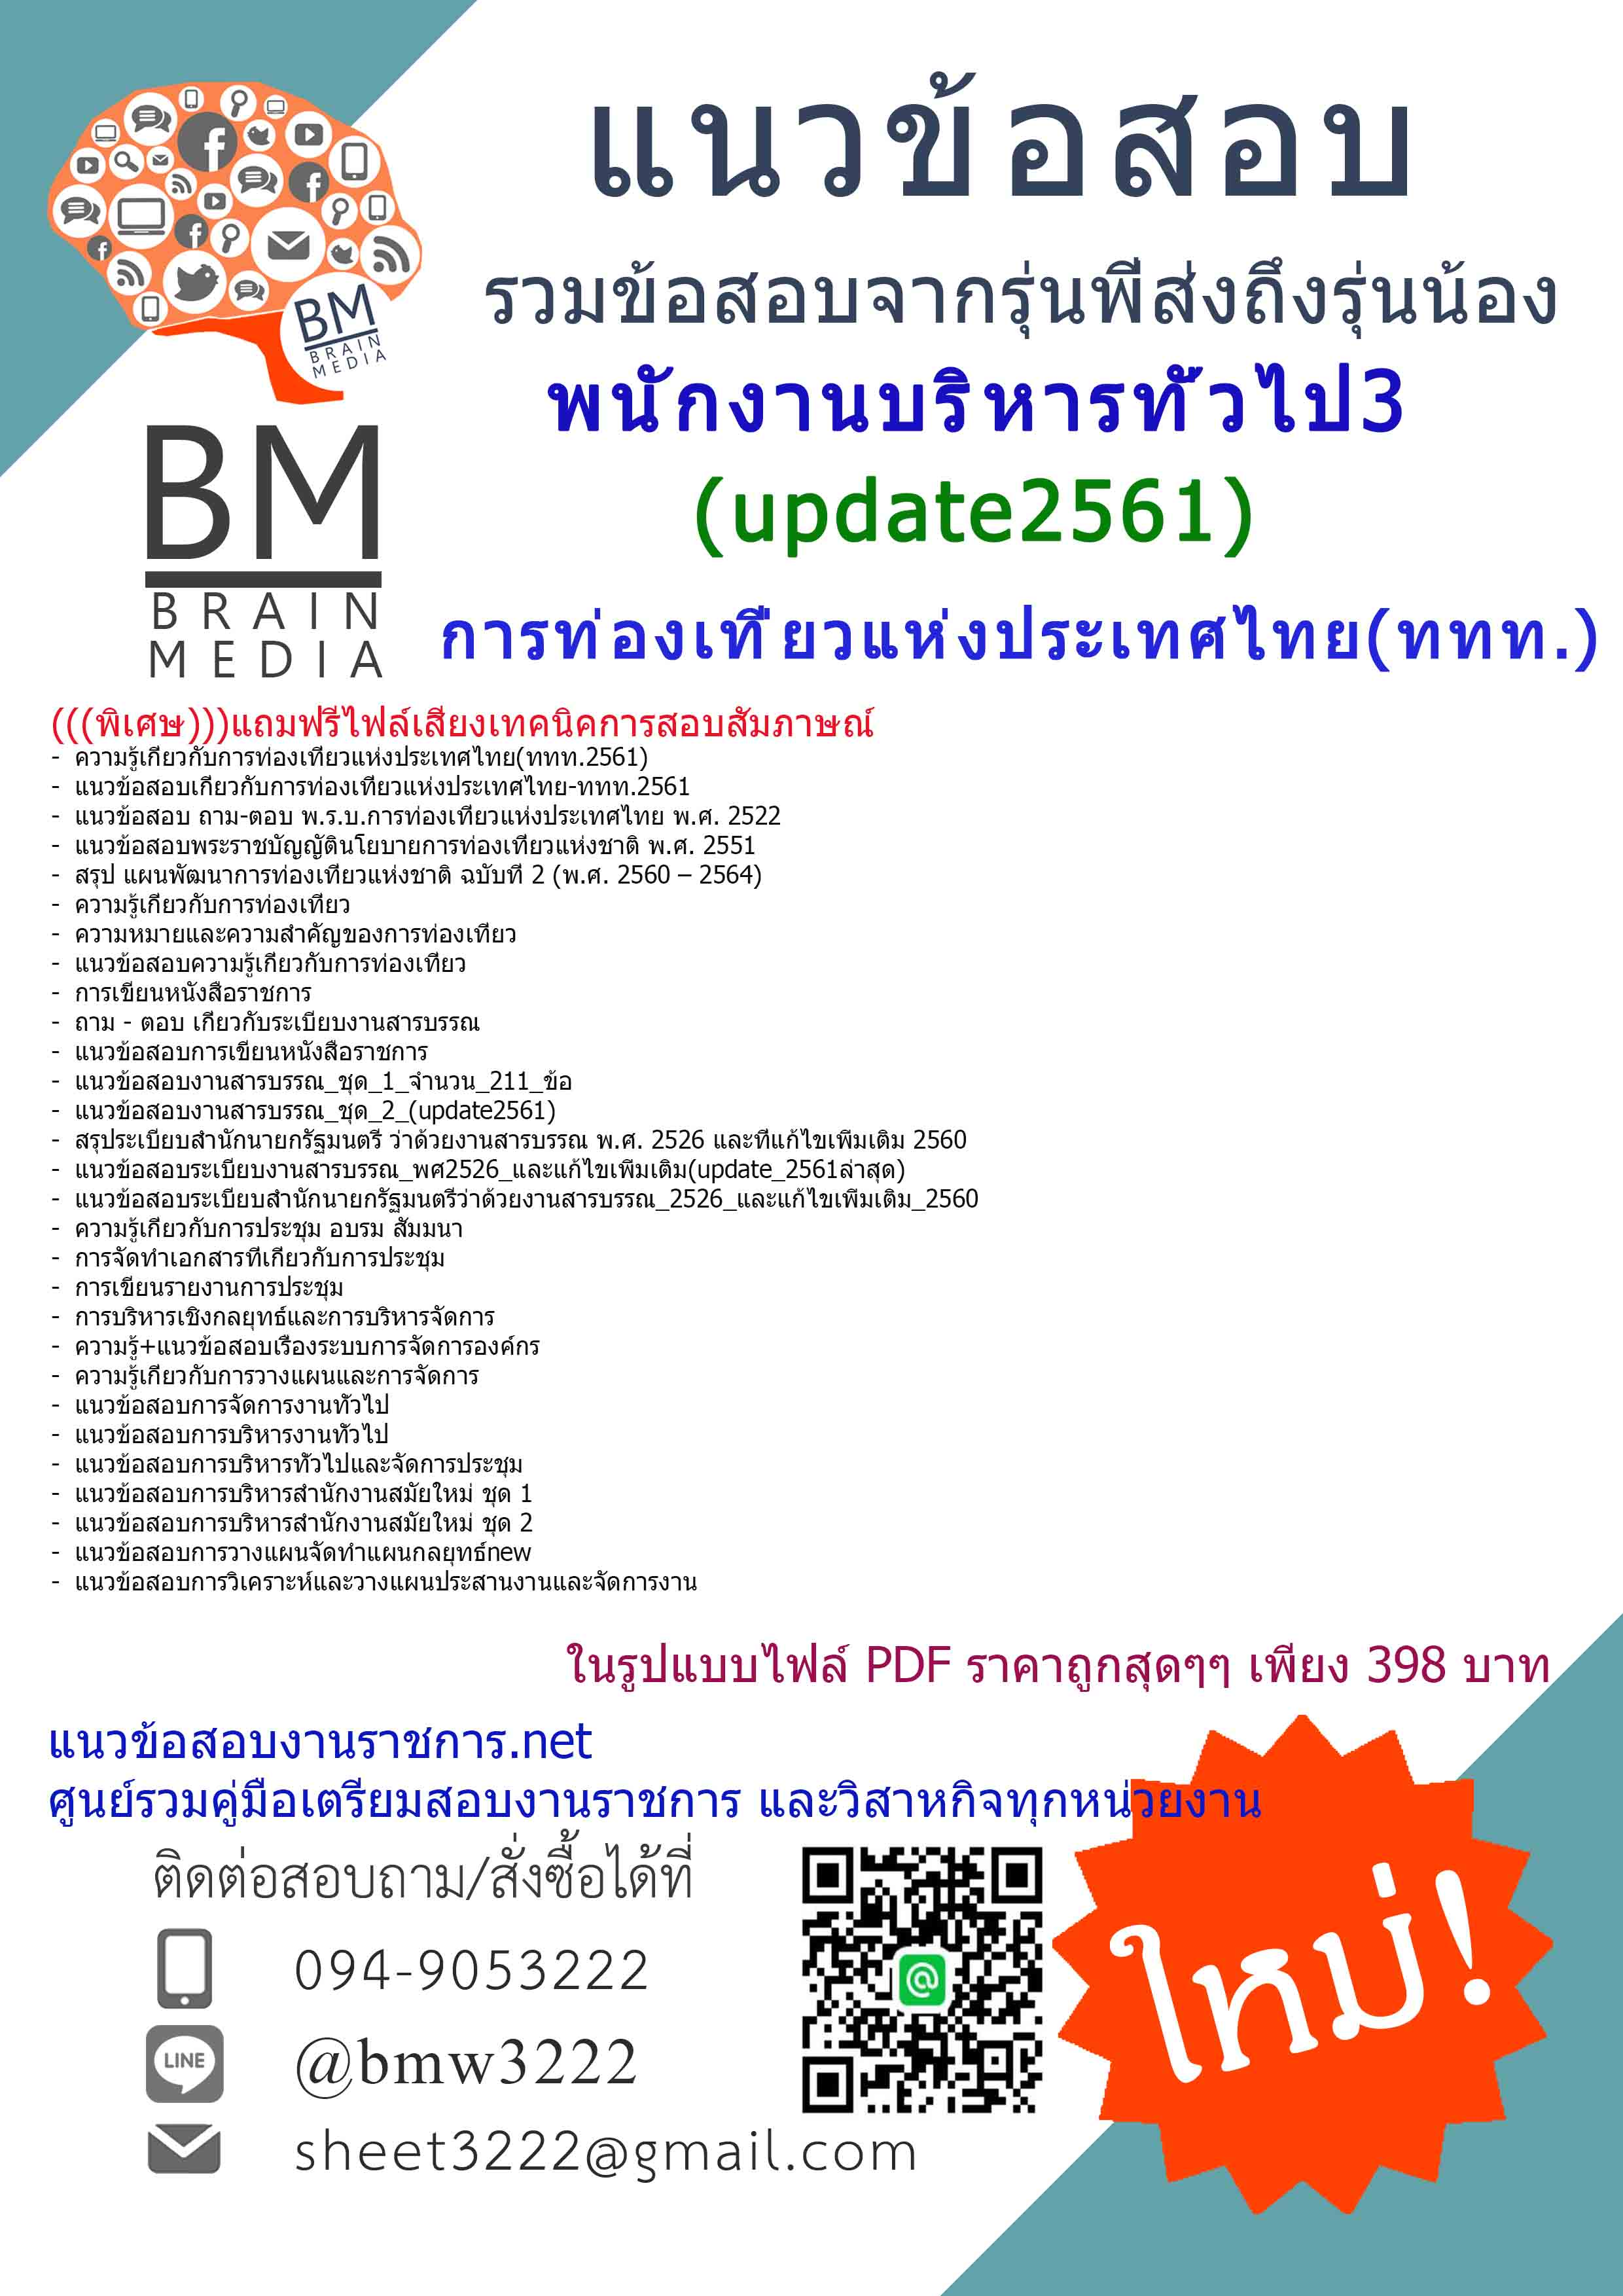 (((DOWNLOAD)))แนวข้อสอบพนักงานบริหารทั่วไป3การท่องเที่ยวแห่งประเทศไทย(ททท.)2561